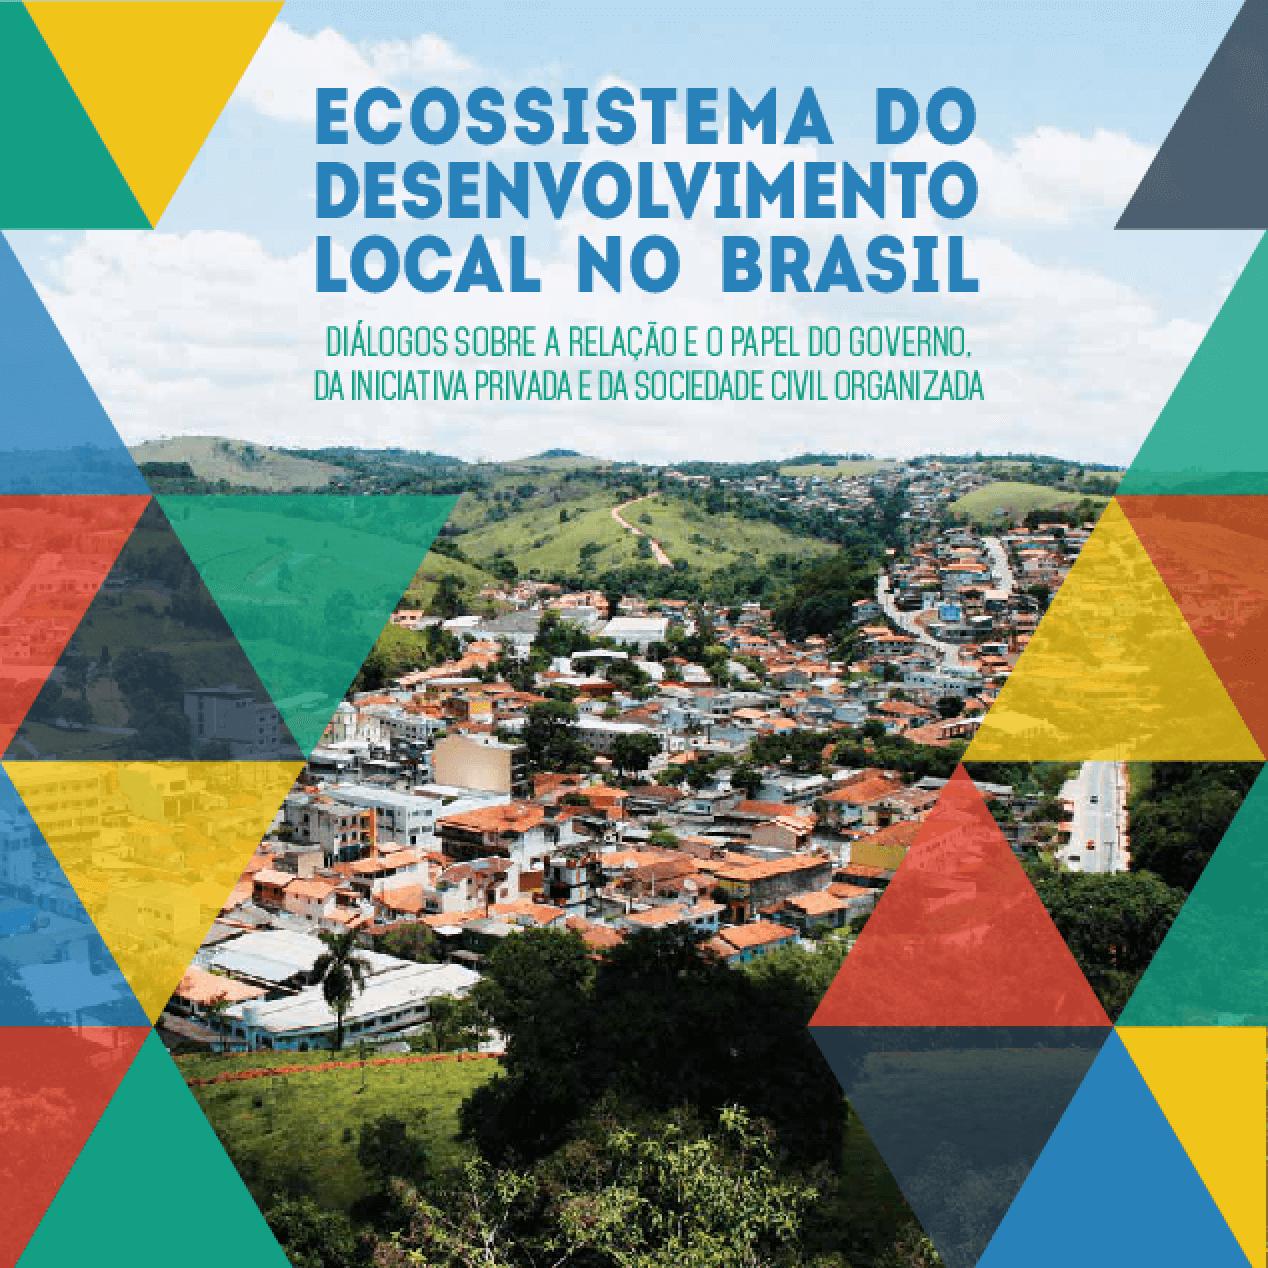 Ecossistema do desenvolvimento local no Brasil: diálogos sobre a relação e o papel do governo, da iniciativa privada e da sociedade civil organizada